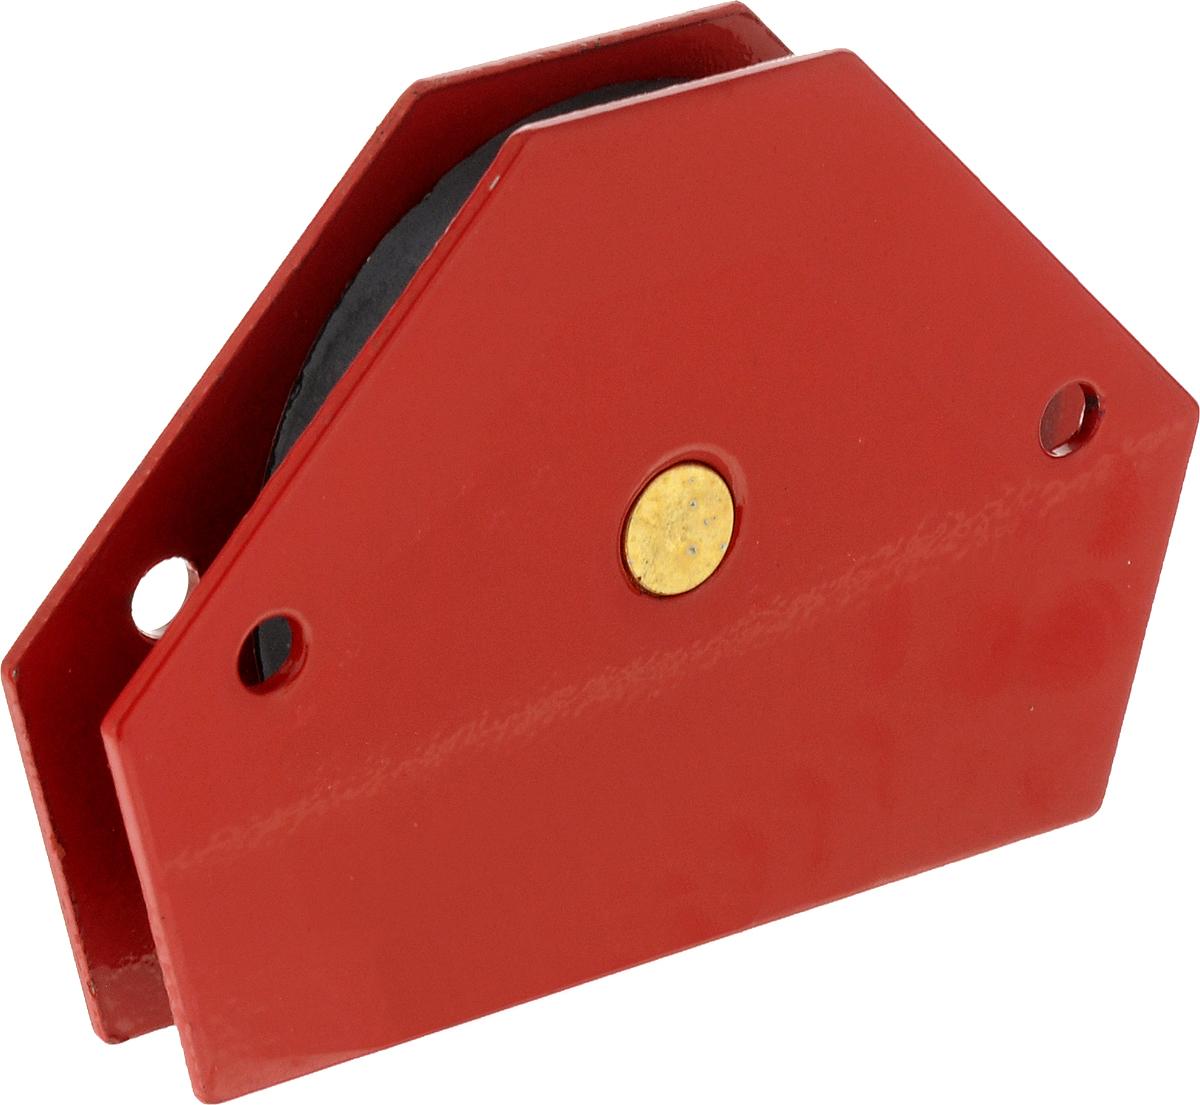 Магнитный угольник Rexant, держатель для сварки на 6 углов, усилие 11,3 кг угольник магнитный для сварки универсальный 615 34 кг